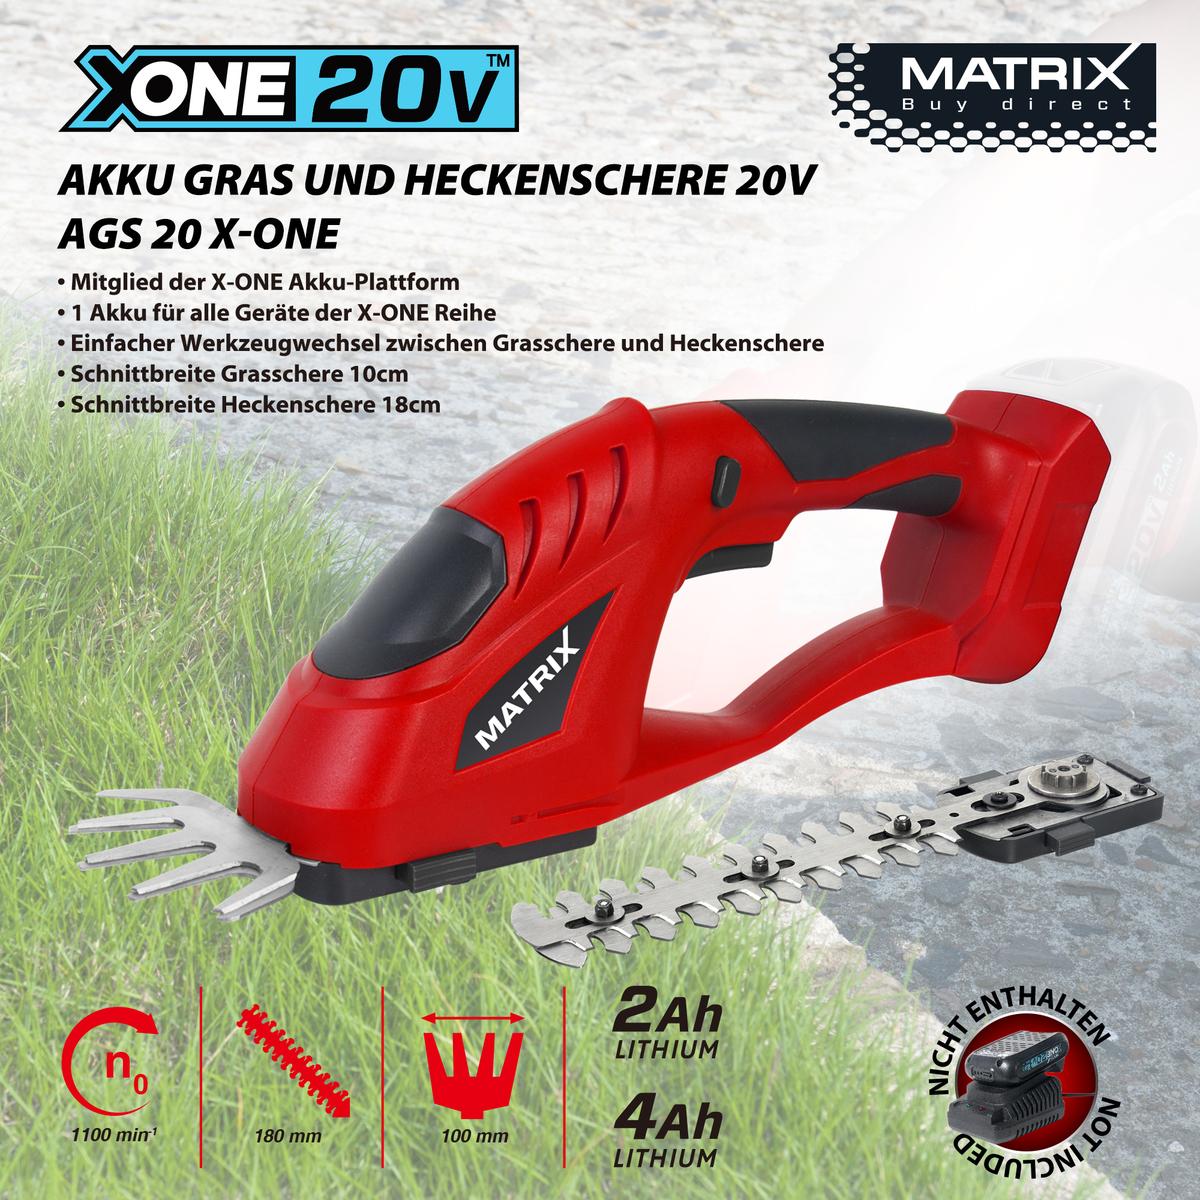 Bild 1 von Matrix X-One Akku Gras- und Heckenschere 20V